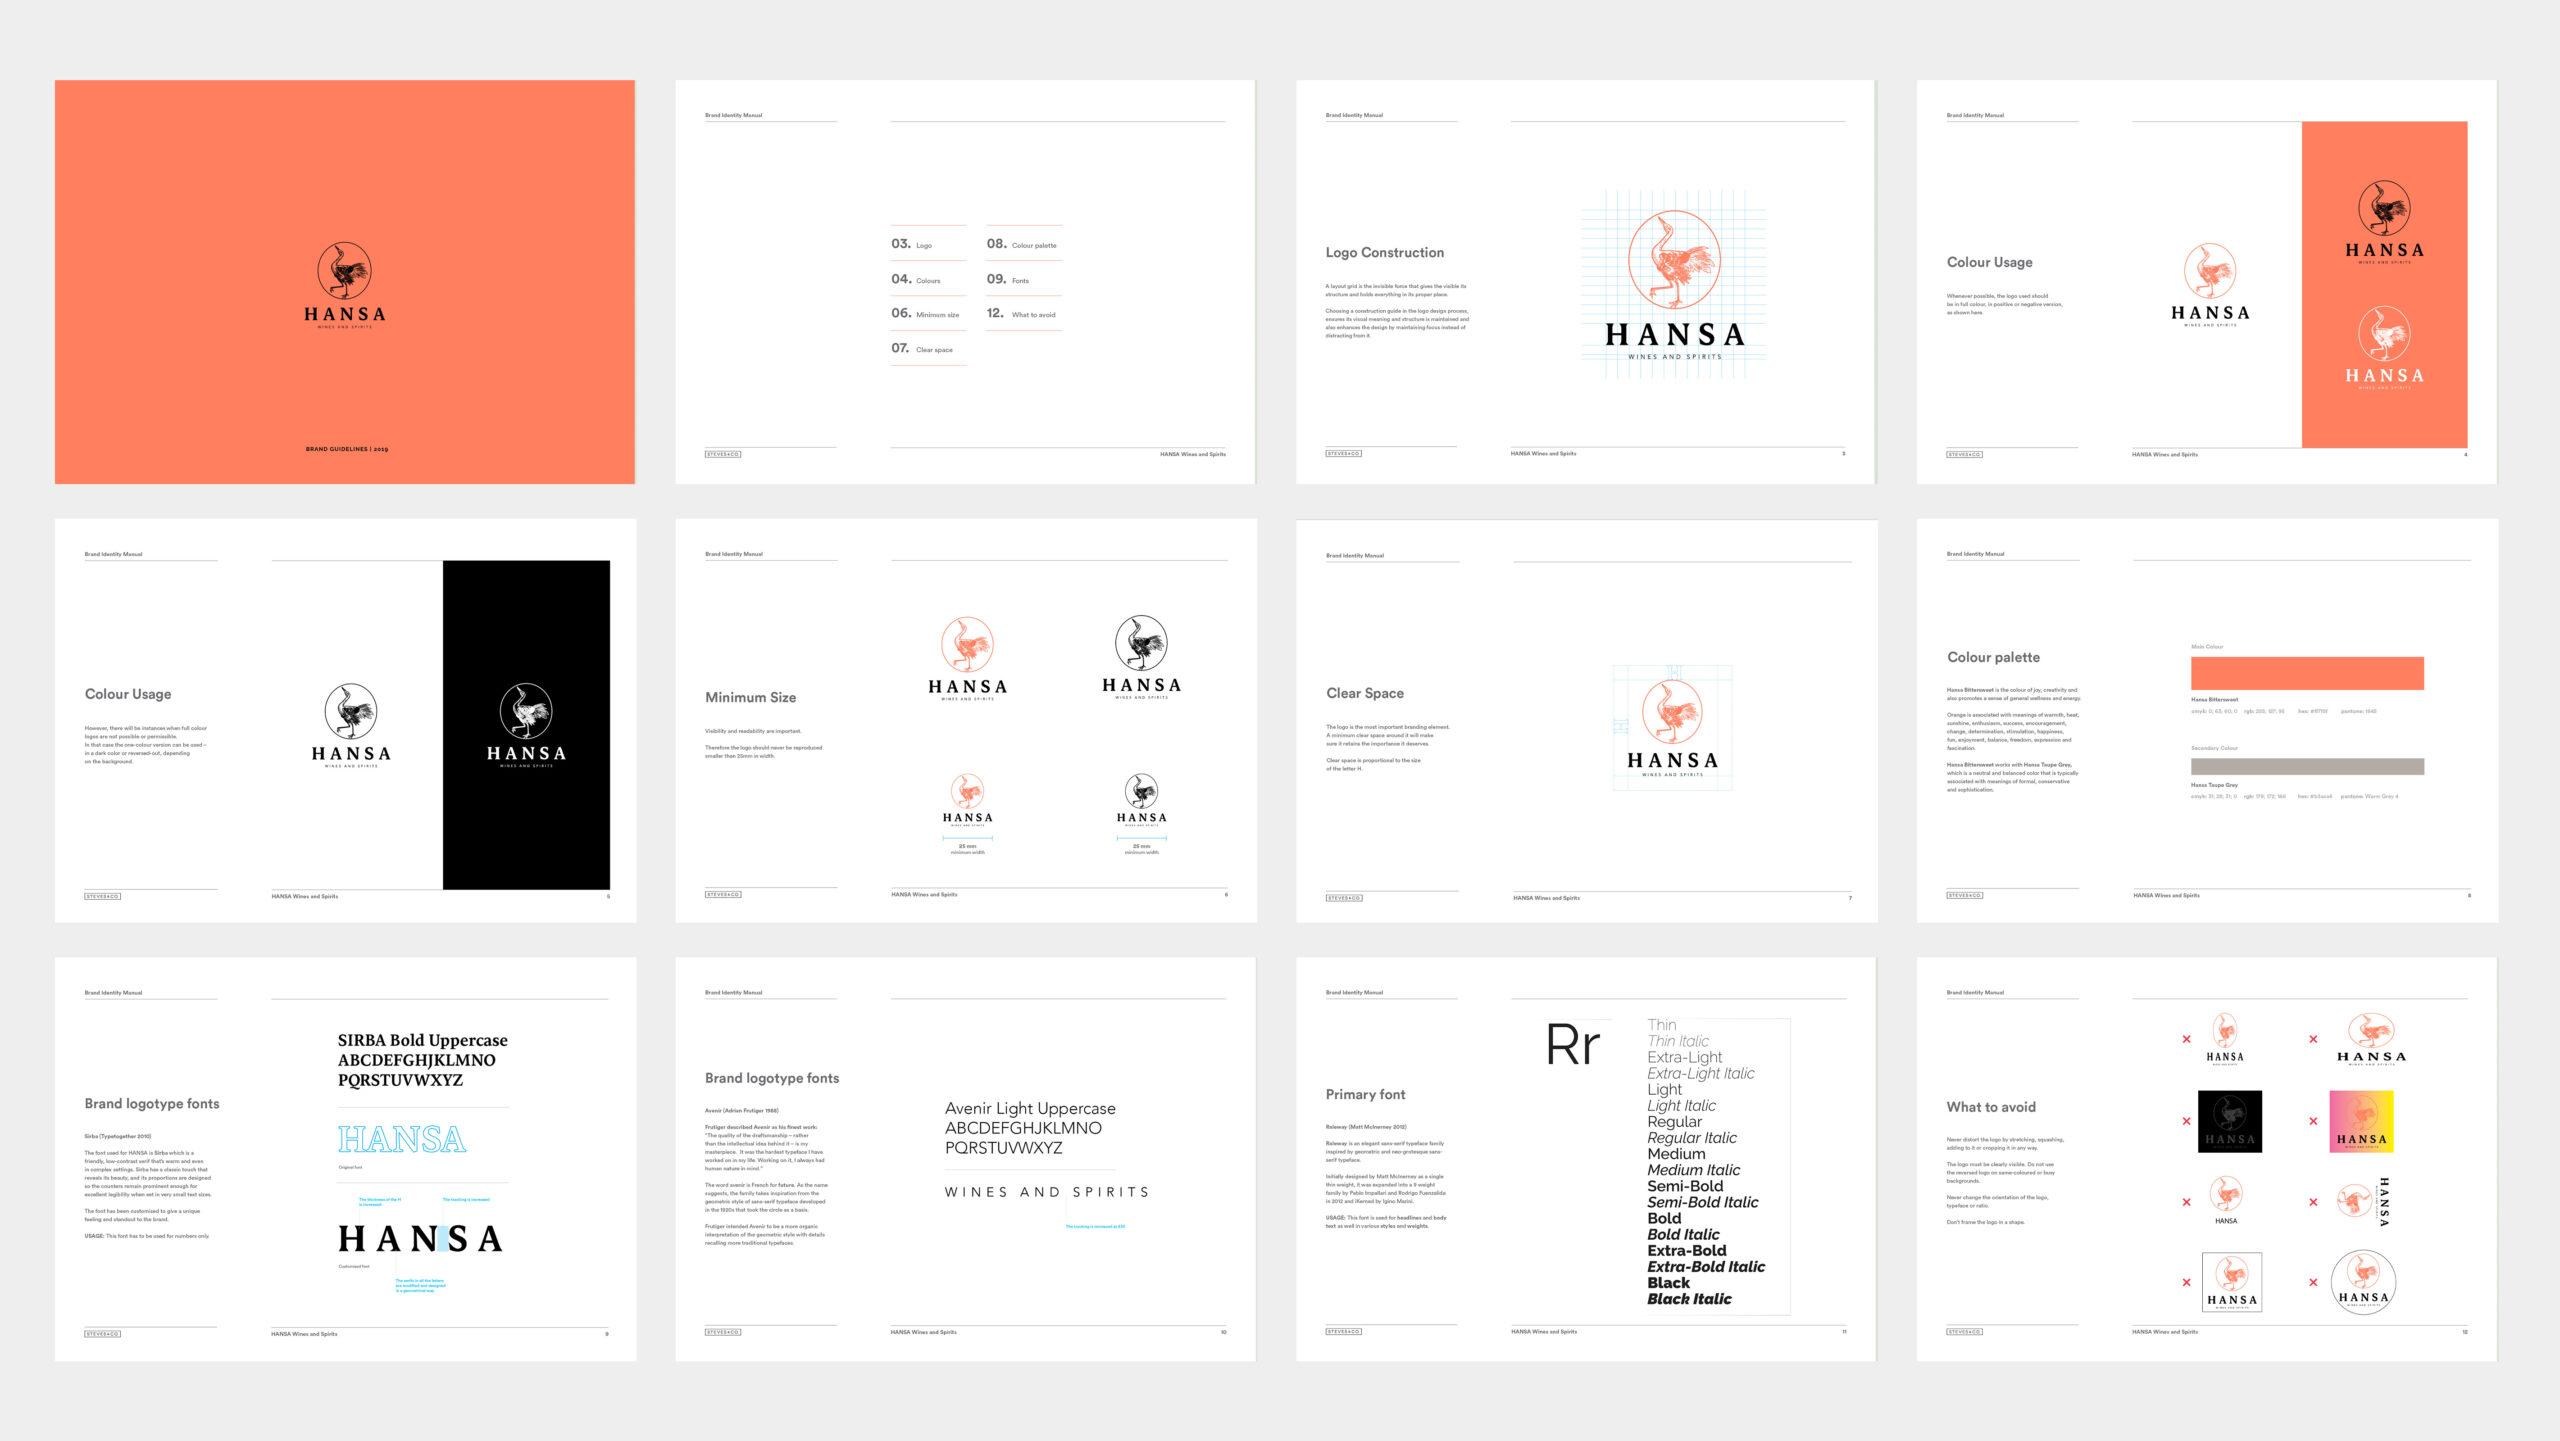 hansa rebranding and brand guidelines